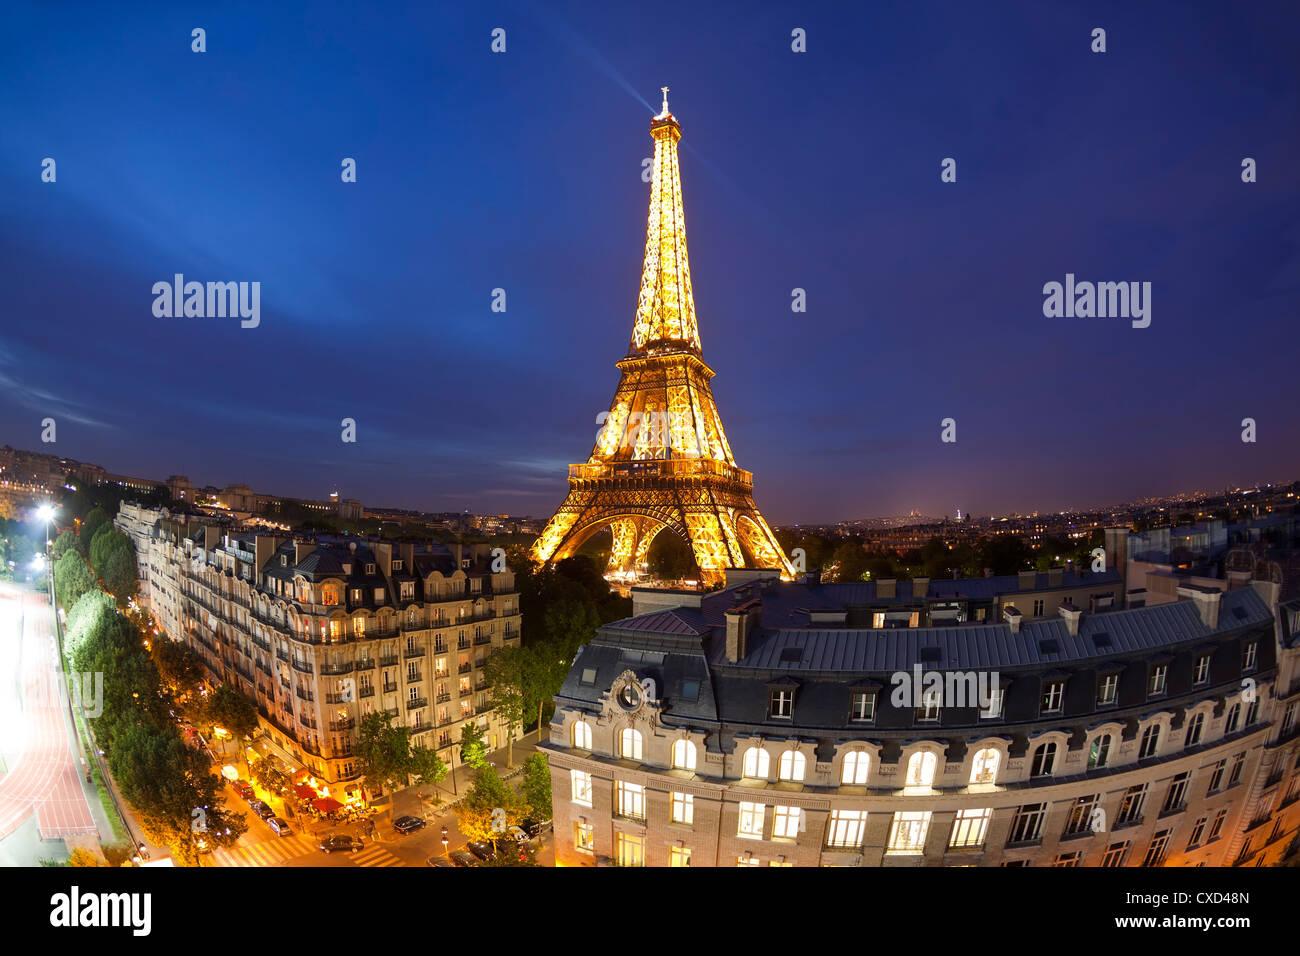 Eiffelturm, betrachtet über Dächer, Paris, Frankreich, Europa Stockbild